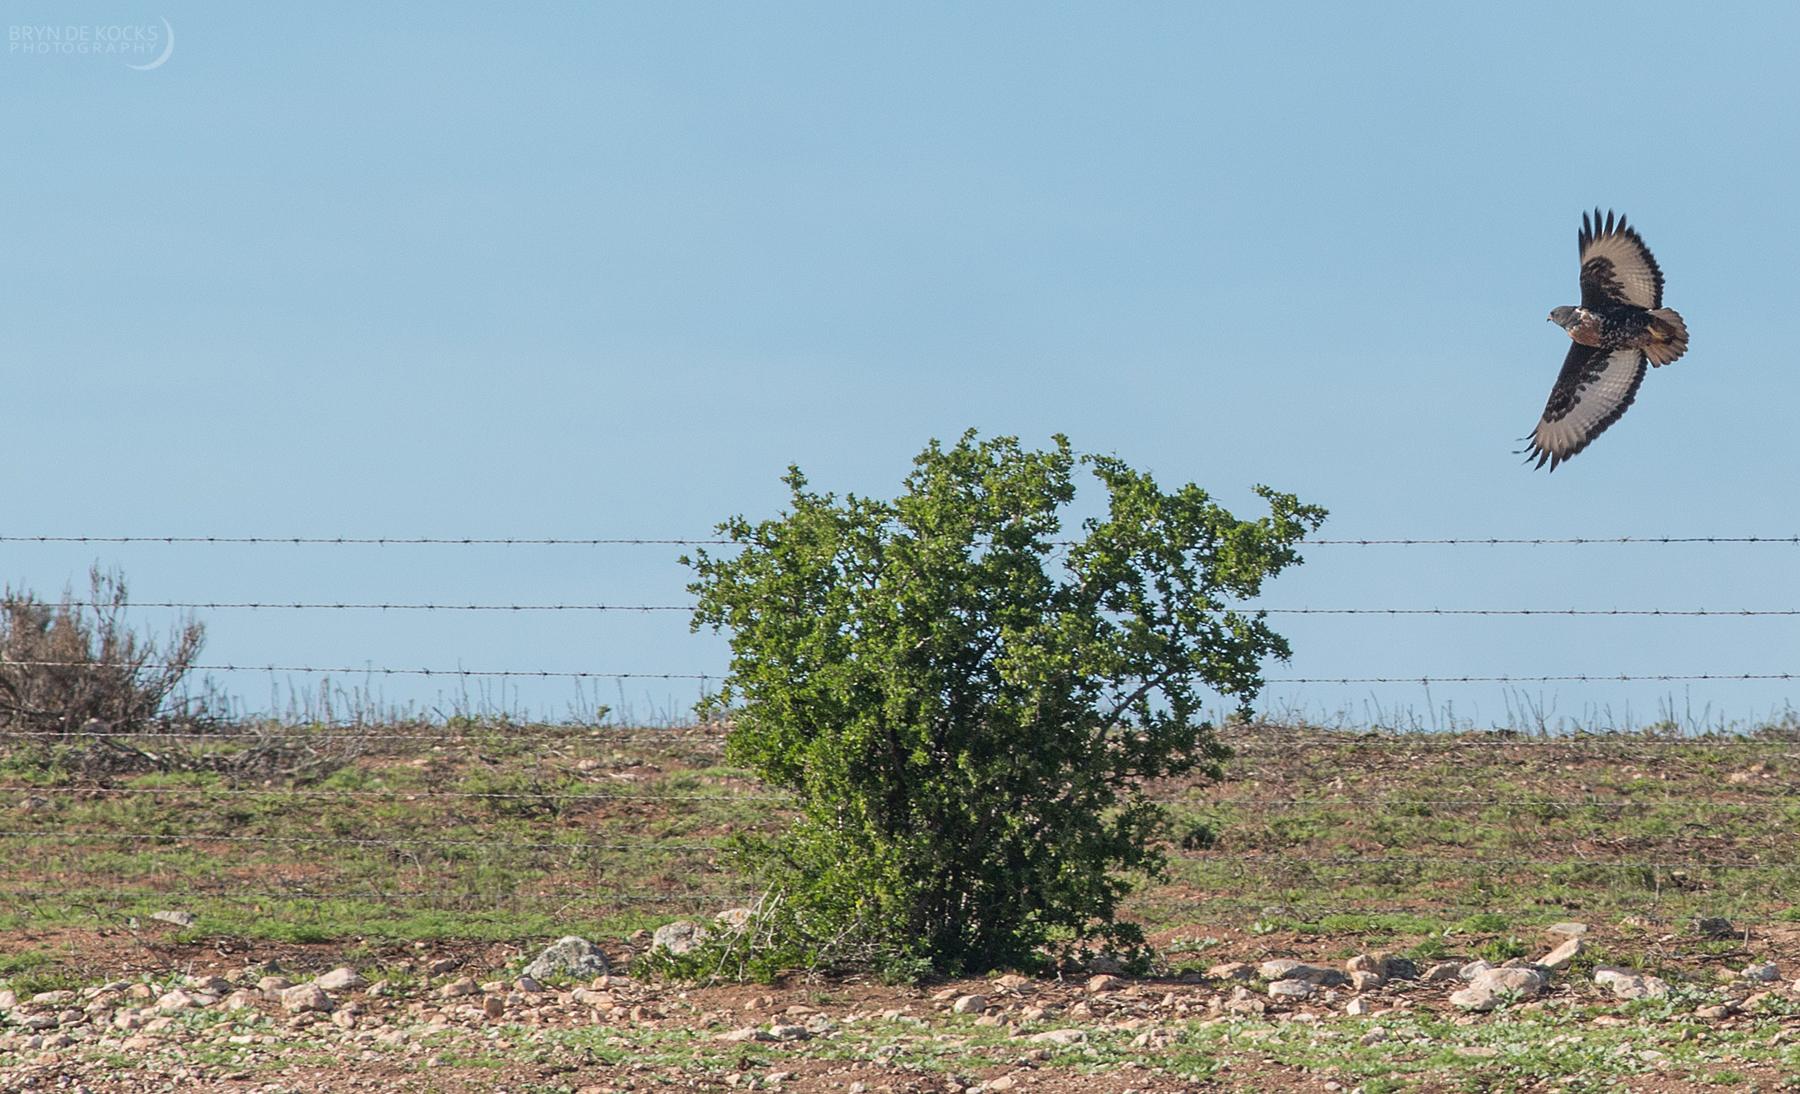 jackal-buzzard